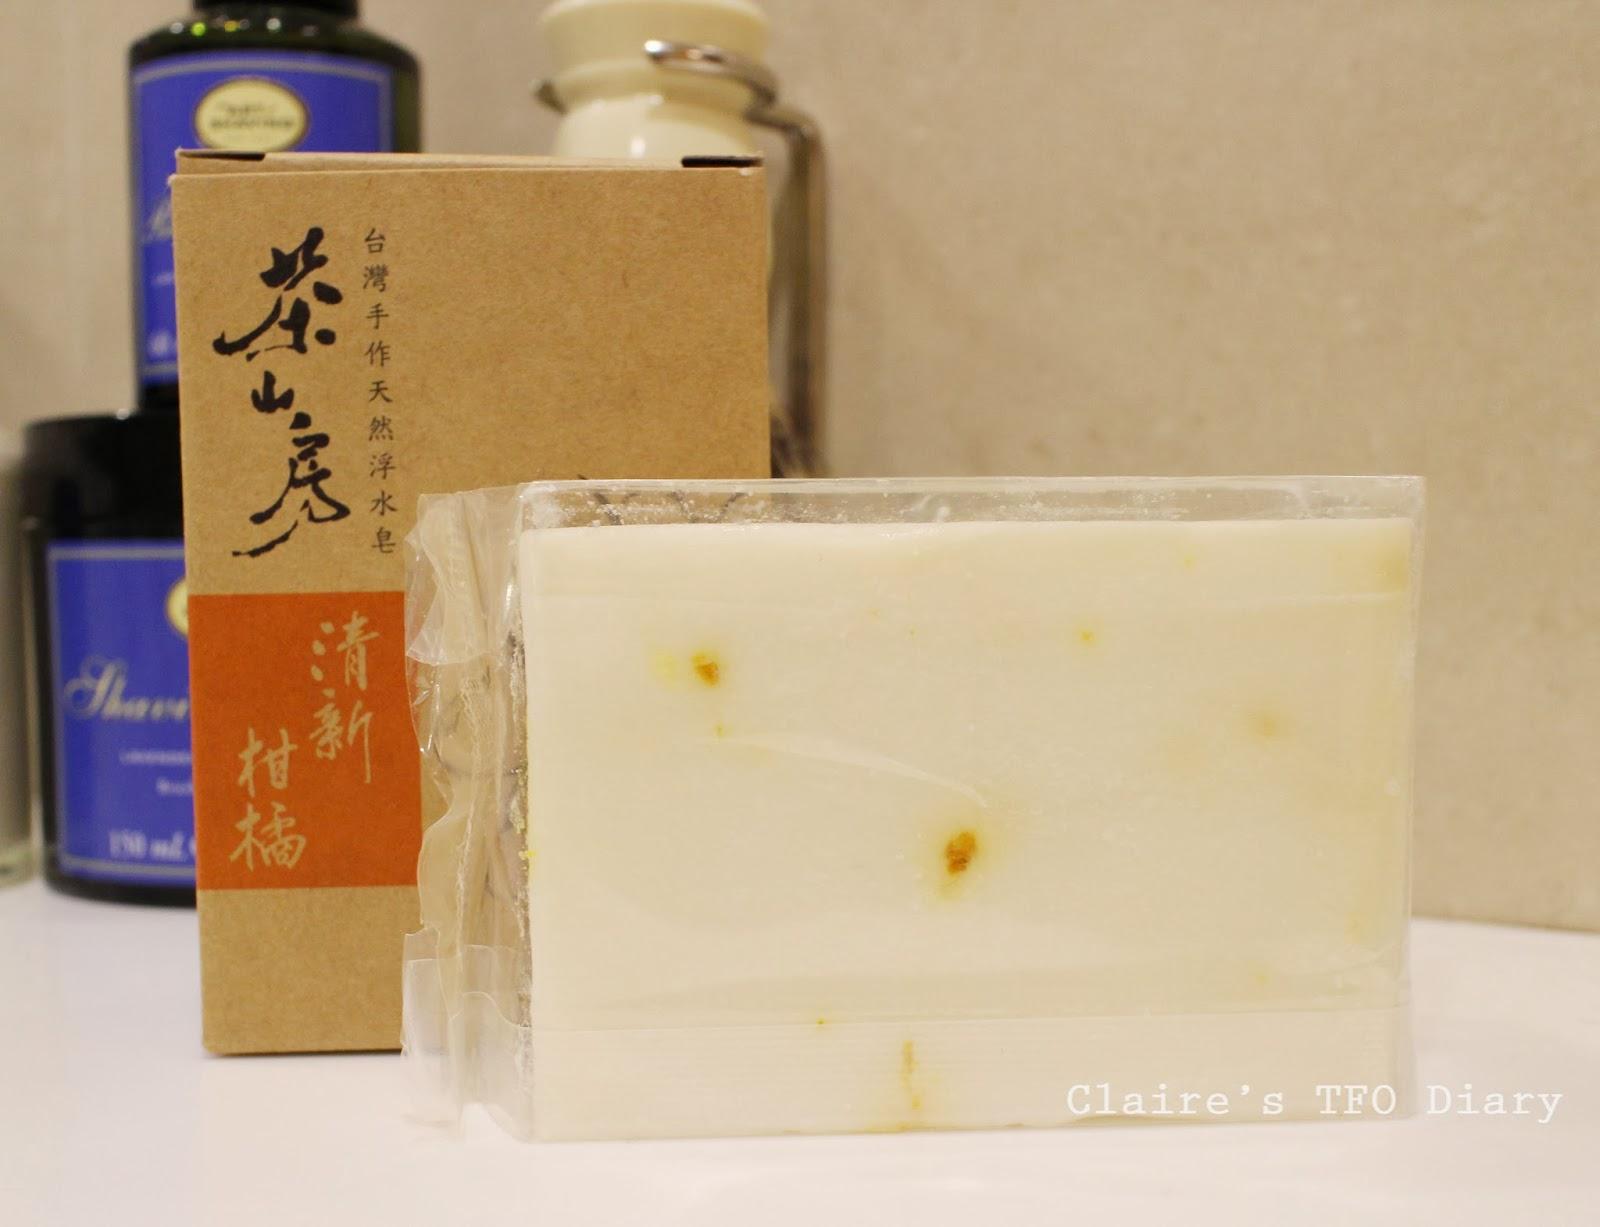 洗髮皂解決惱人的頭皮癢 ~ 阿原洗髮皂與茶山房柑橘皂洗髮使用心得